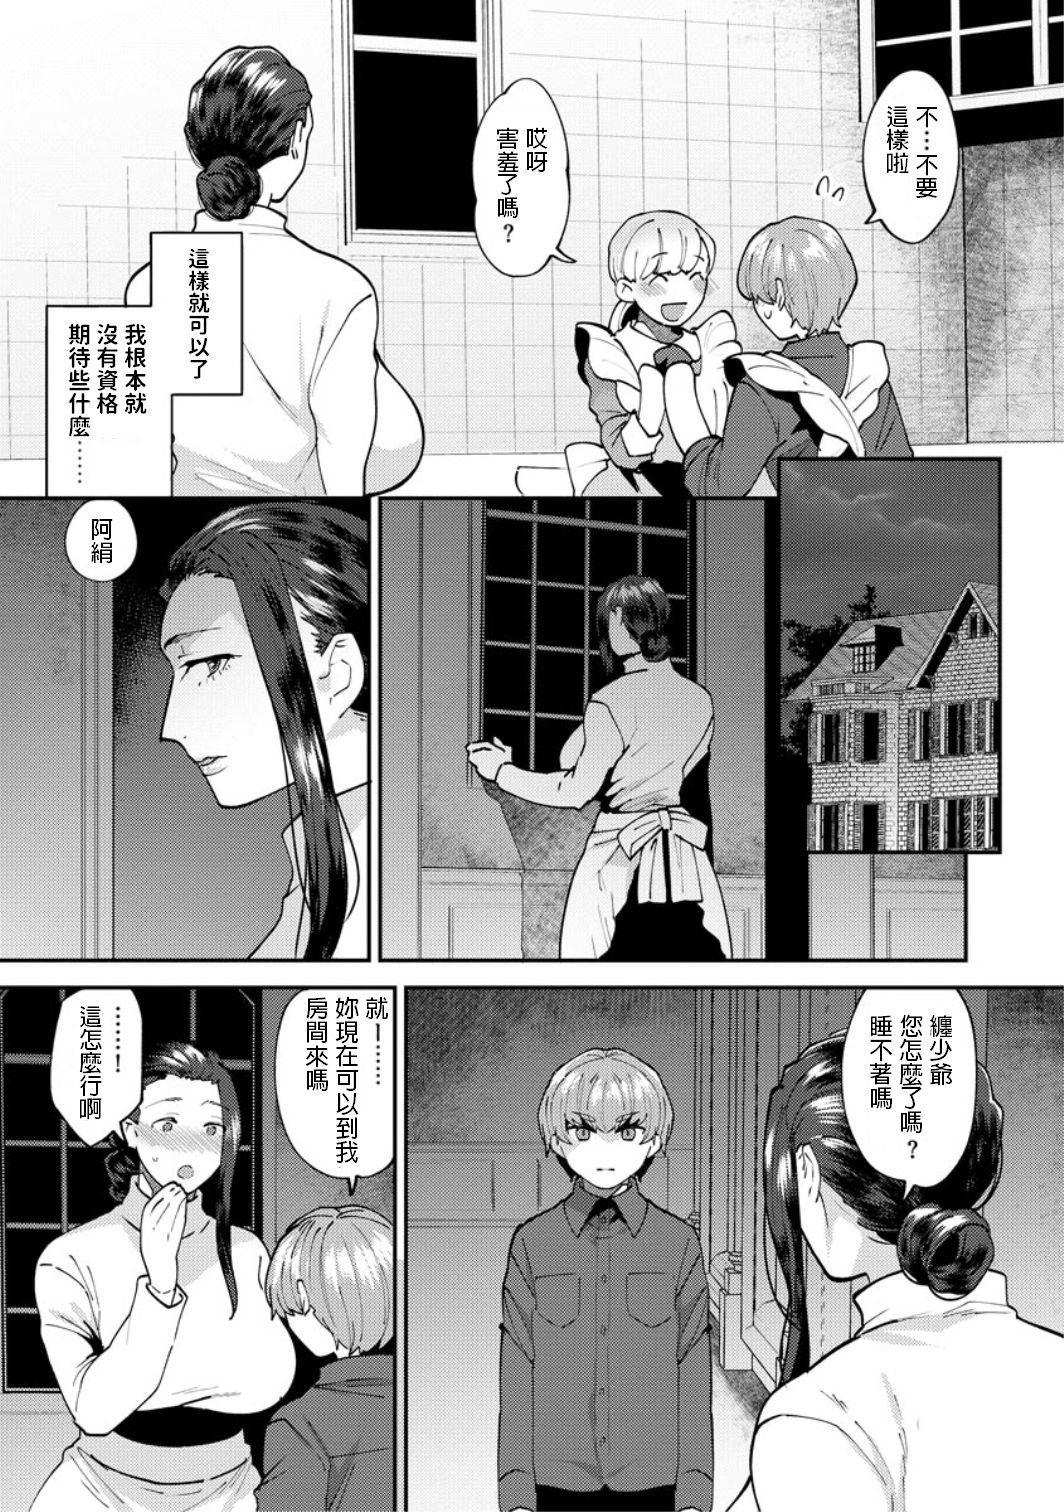 [Mogiki Hayami] Mayugomori ~Neeya to Boku no Midara na Himegoto~ Ch. 4 (Magazine Cyberia Vol. 132) [Chinese] 8